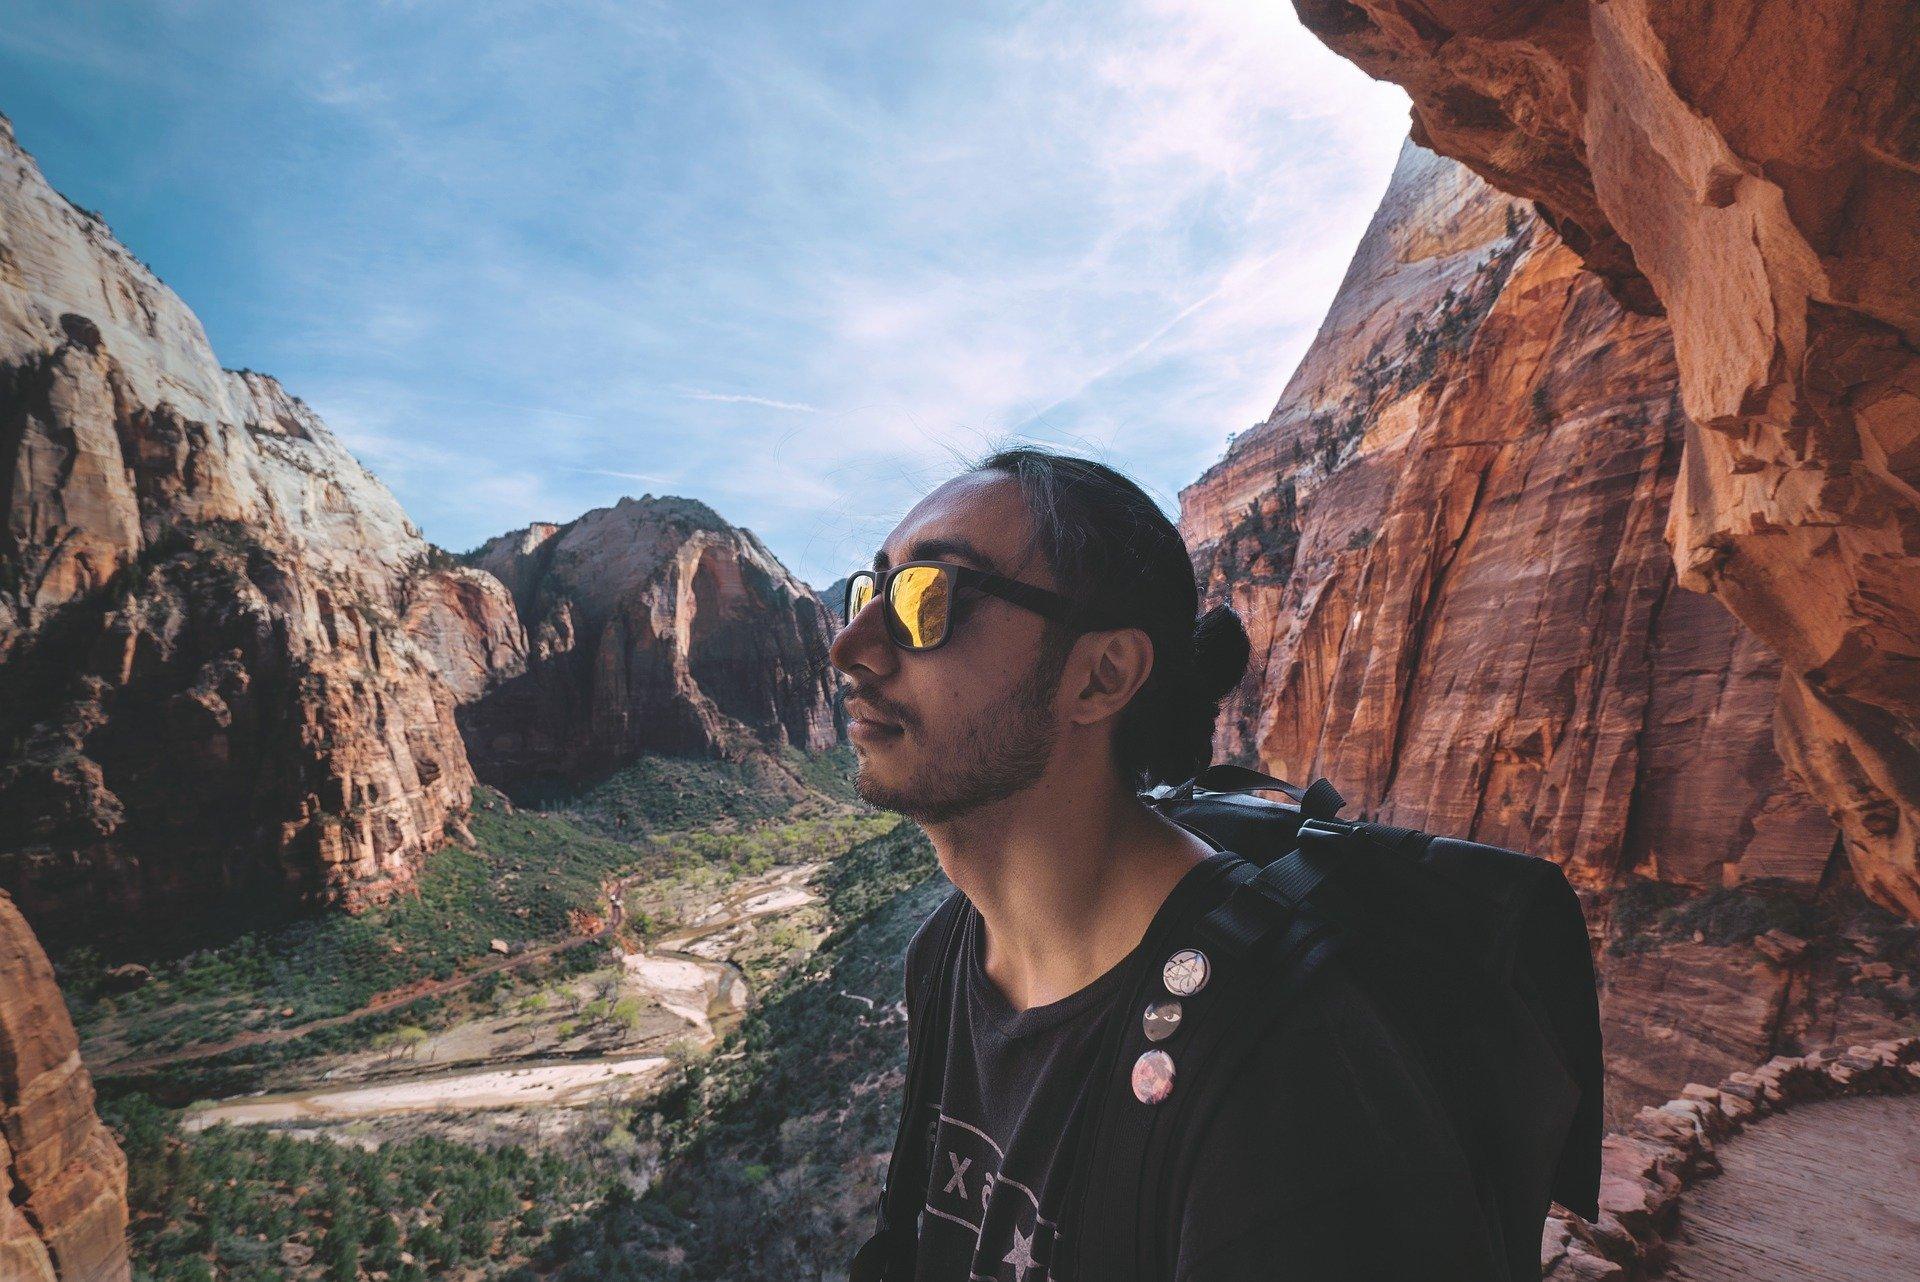 hiking sunglasses in sunny Zion